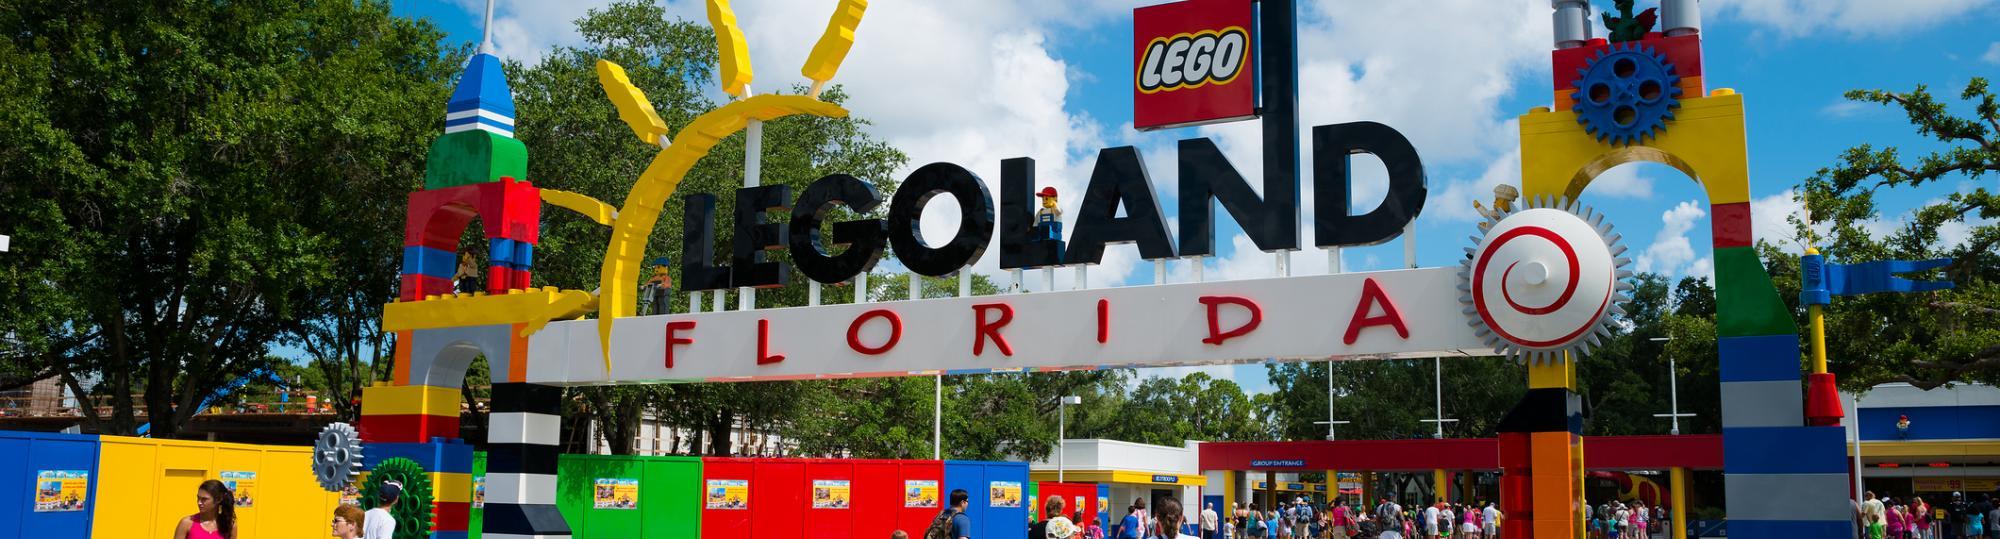 Legoland Florida Military Discount | Veterans Advantage